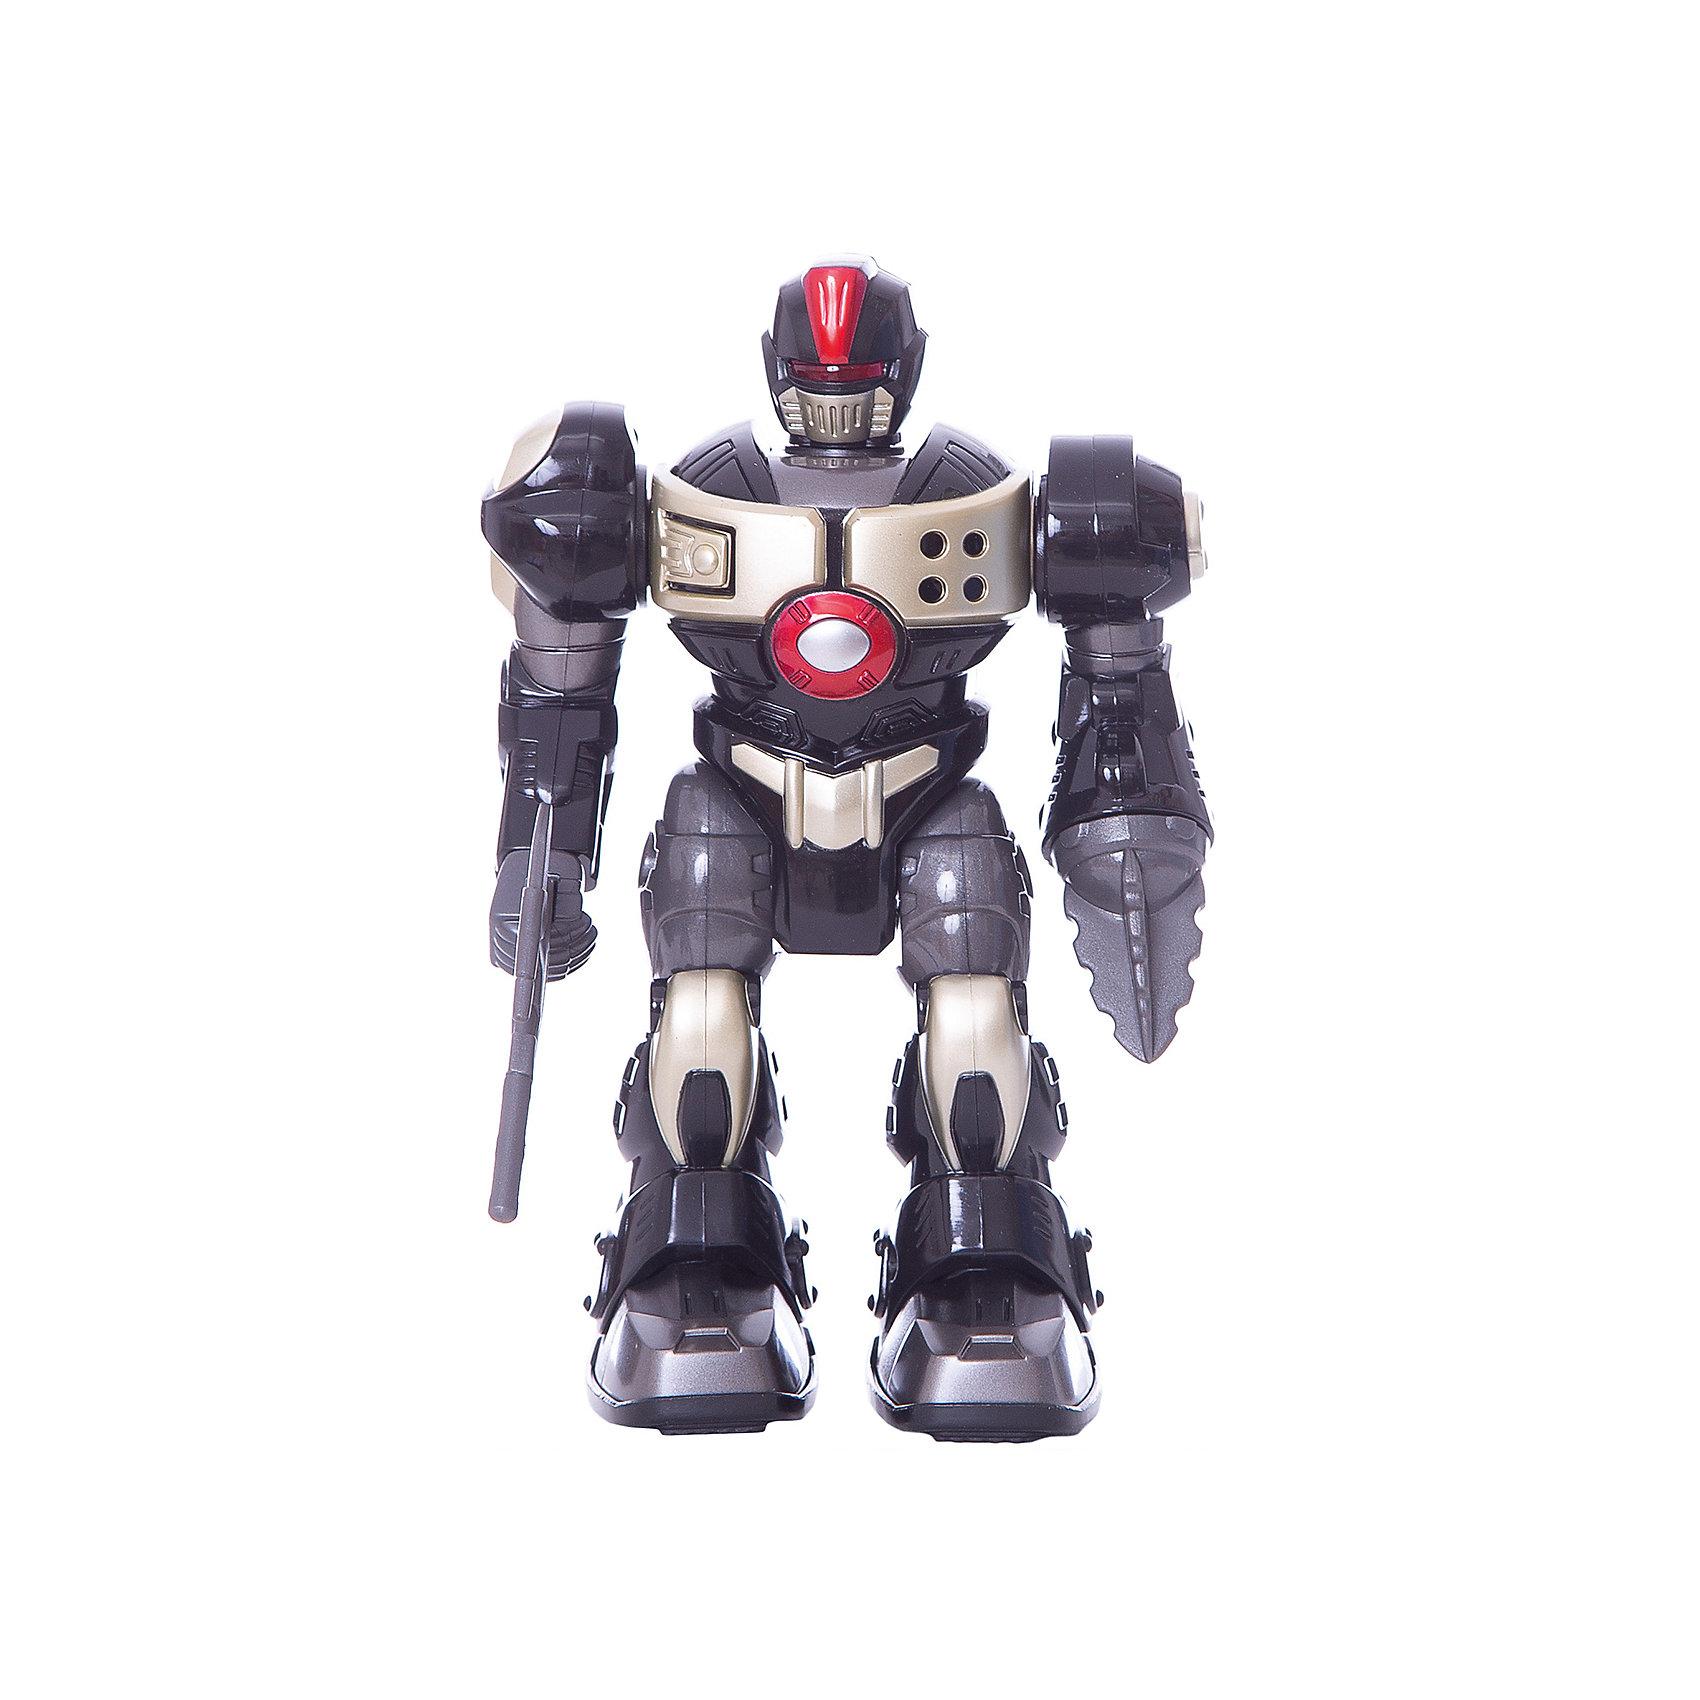 Игрушка-робот XSS, 17,5 см, HAP-P-KIDИгрушка-робот XSS от HAP-P-KID классный подарок юному любителю робототехники! Робот выполнен из качественных материалов, у него прочная броня и несколько видов оружия. Робот самостоятельно передвигается и имеет классные световые эффекты. Устраивать битвы с таким бойцом одно удовольствие! Собирайтесь с друзьями и решайте чей робот самый сильный! Игры с роботами развивают у мальчишек сообразительность и логическое мышление.<br><br>Дополнительная информация: <br><br>- Робот движется вперед;<br>- Три вида оружия;<br>- Световые эффекты;<br>- Работает от батареек: 2 типа ААА;<br>- Прекрасный подарок мальчишке;<br>- Высота игрушки: 17,5 см;<br>- Размер упаковки: 14,6 х 10,2 х 21,6;<br>- Вес: 392 г<br><br>Игрушку-робота XSS, 17,5 см, HAP-P-KID можно купить в нашем интернет-магазине<br><br>Ширина мм: 146<br>Глубина мм: 102<br>Высота мм: 216<br>Вес г: 392<br>Возраст от месяцев: 36<br>Возраст до месяцев: 84<br>Пол: Мужской<br>Возраст: Детский<br>SKU: 4001661